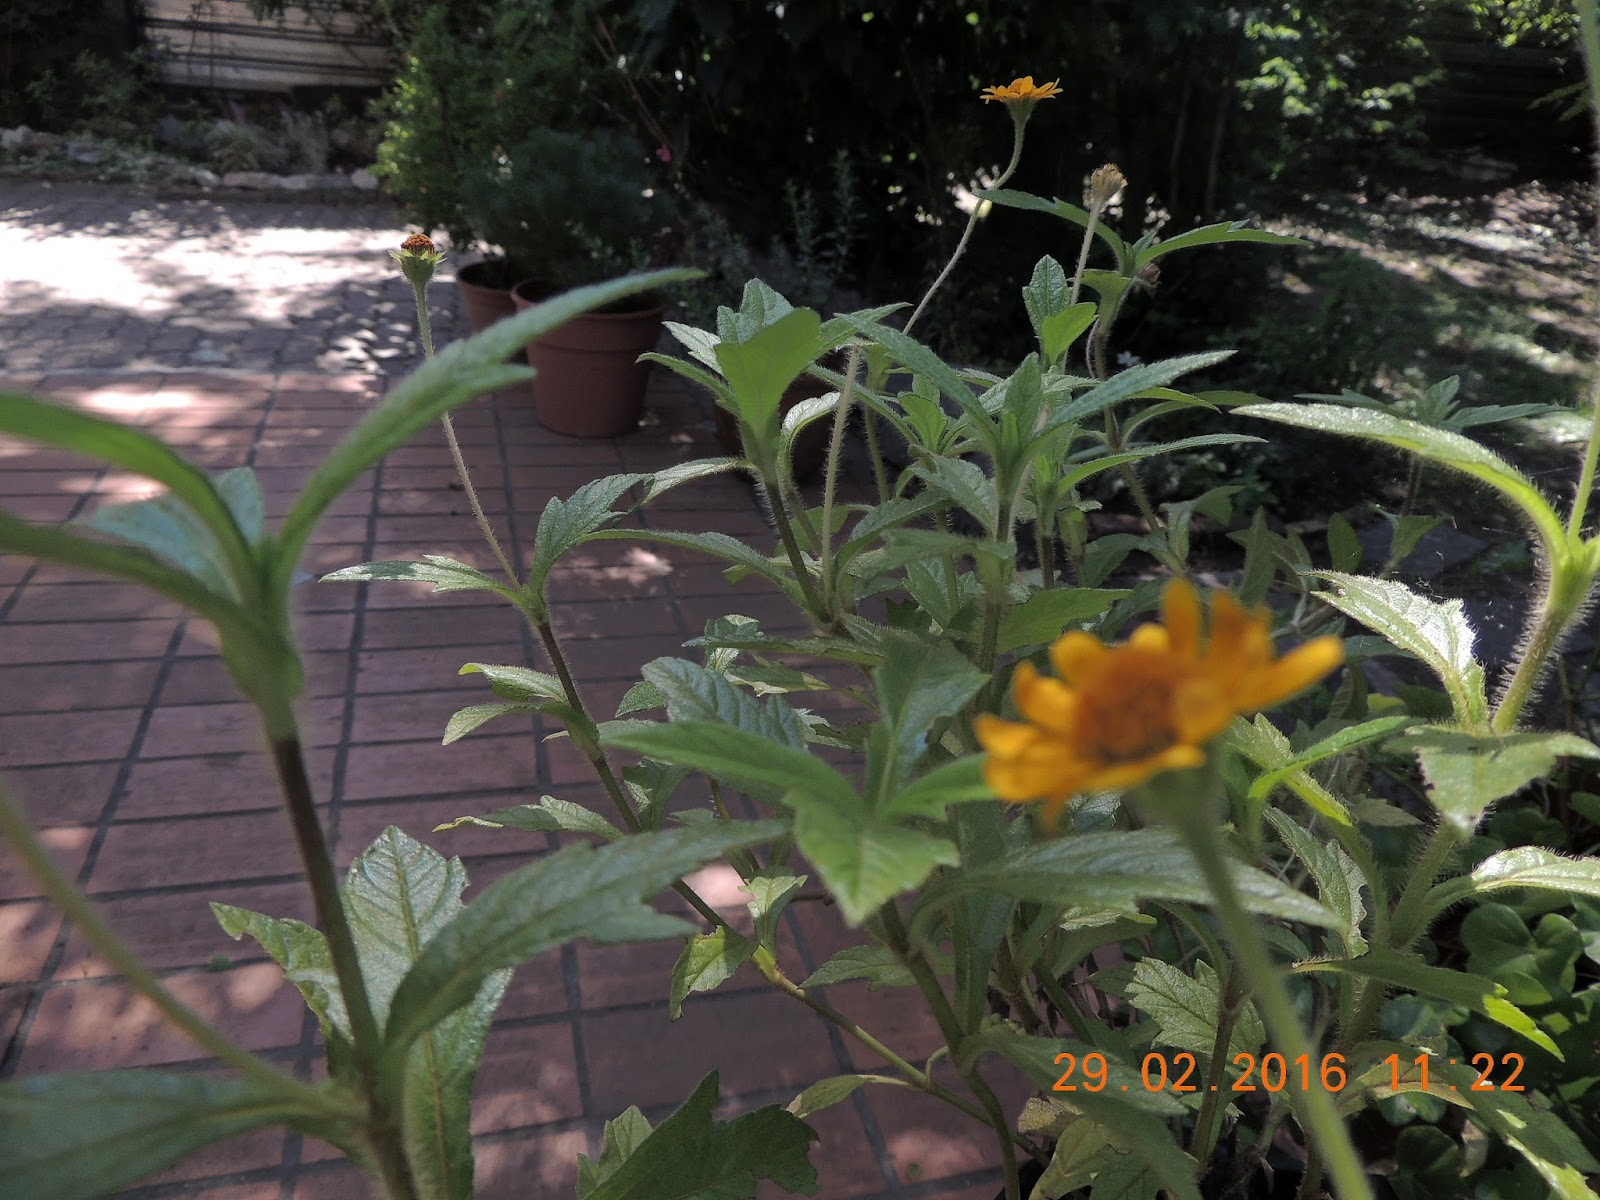 Mi querido jard n adi s febrero for Adios jardin querido